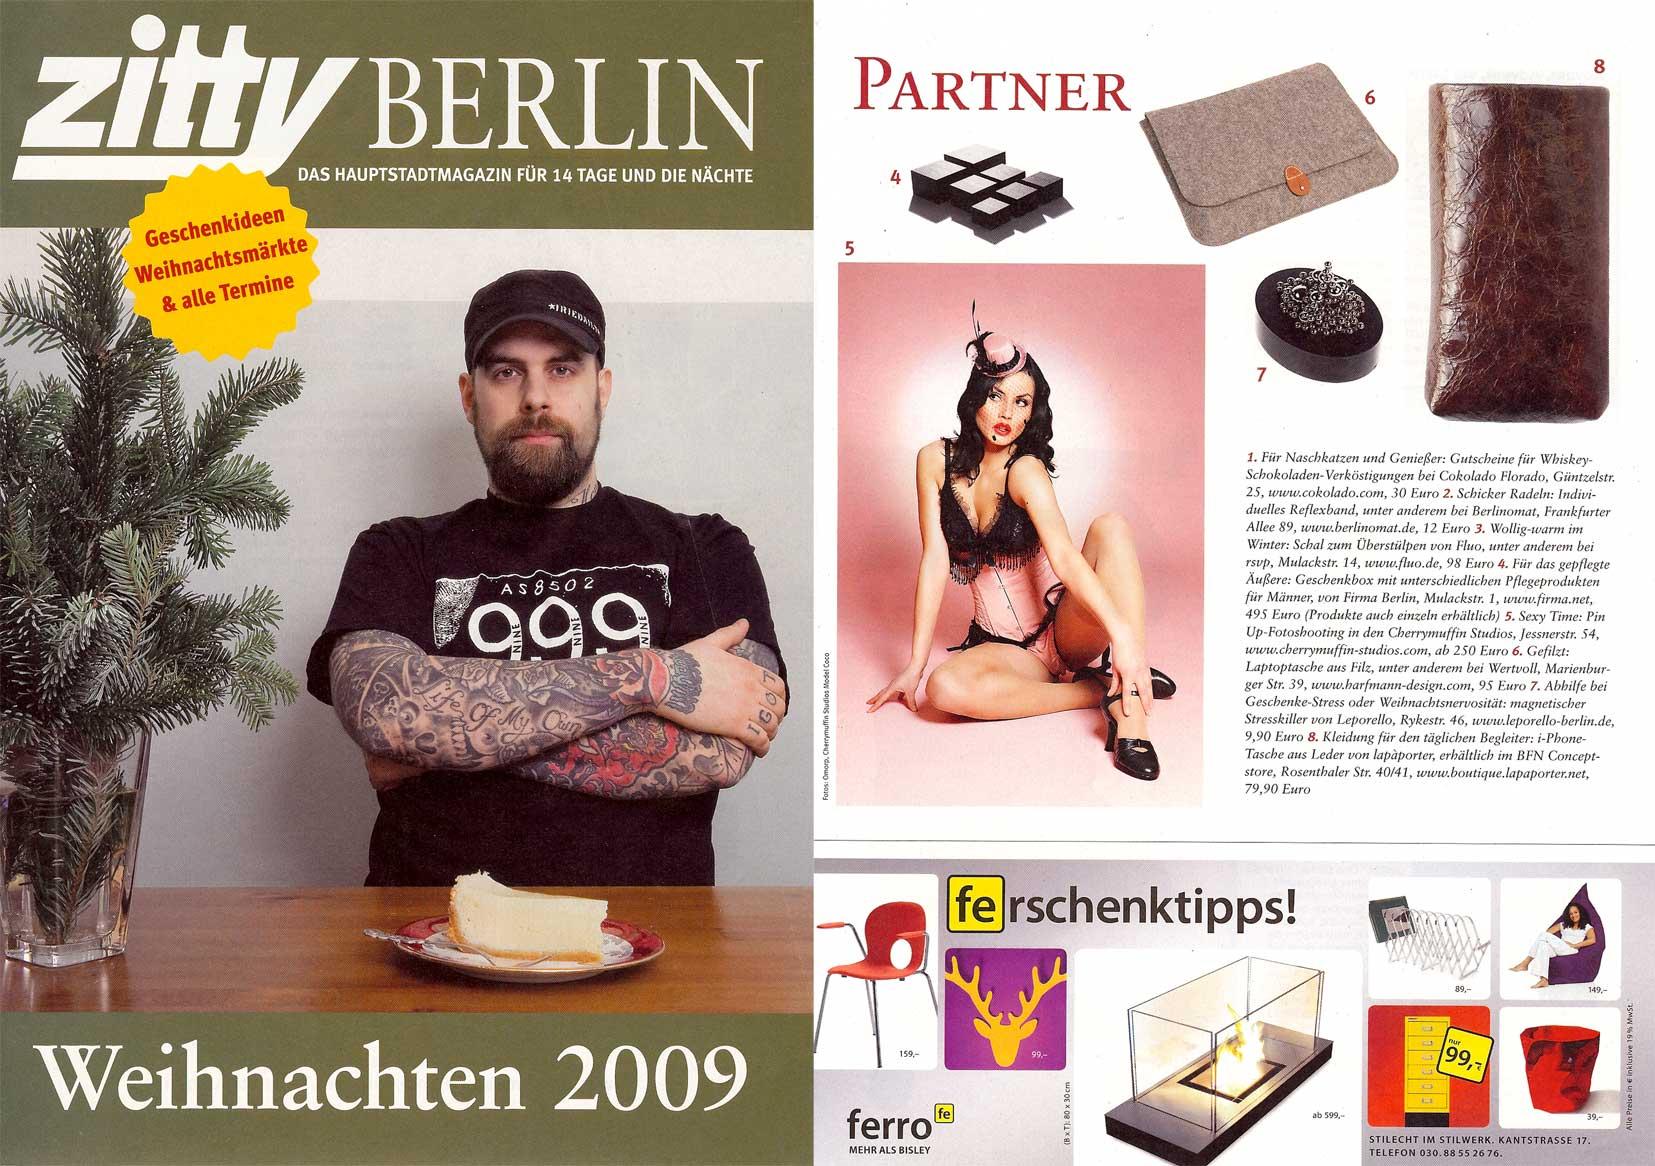 Lapàporter Veröffentlichung Zitty